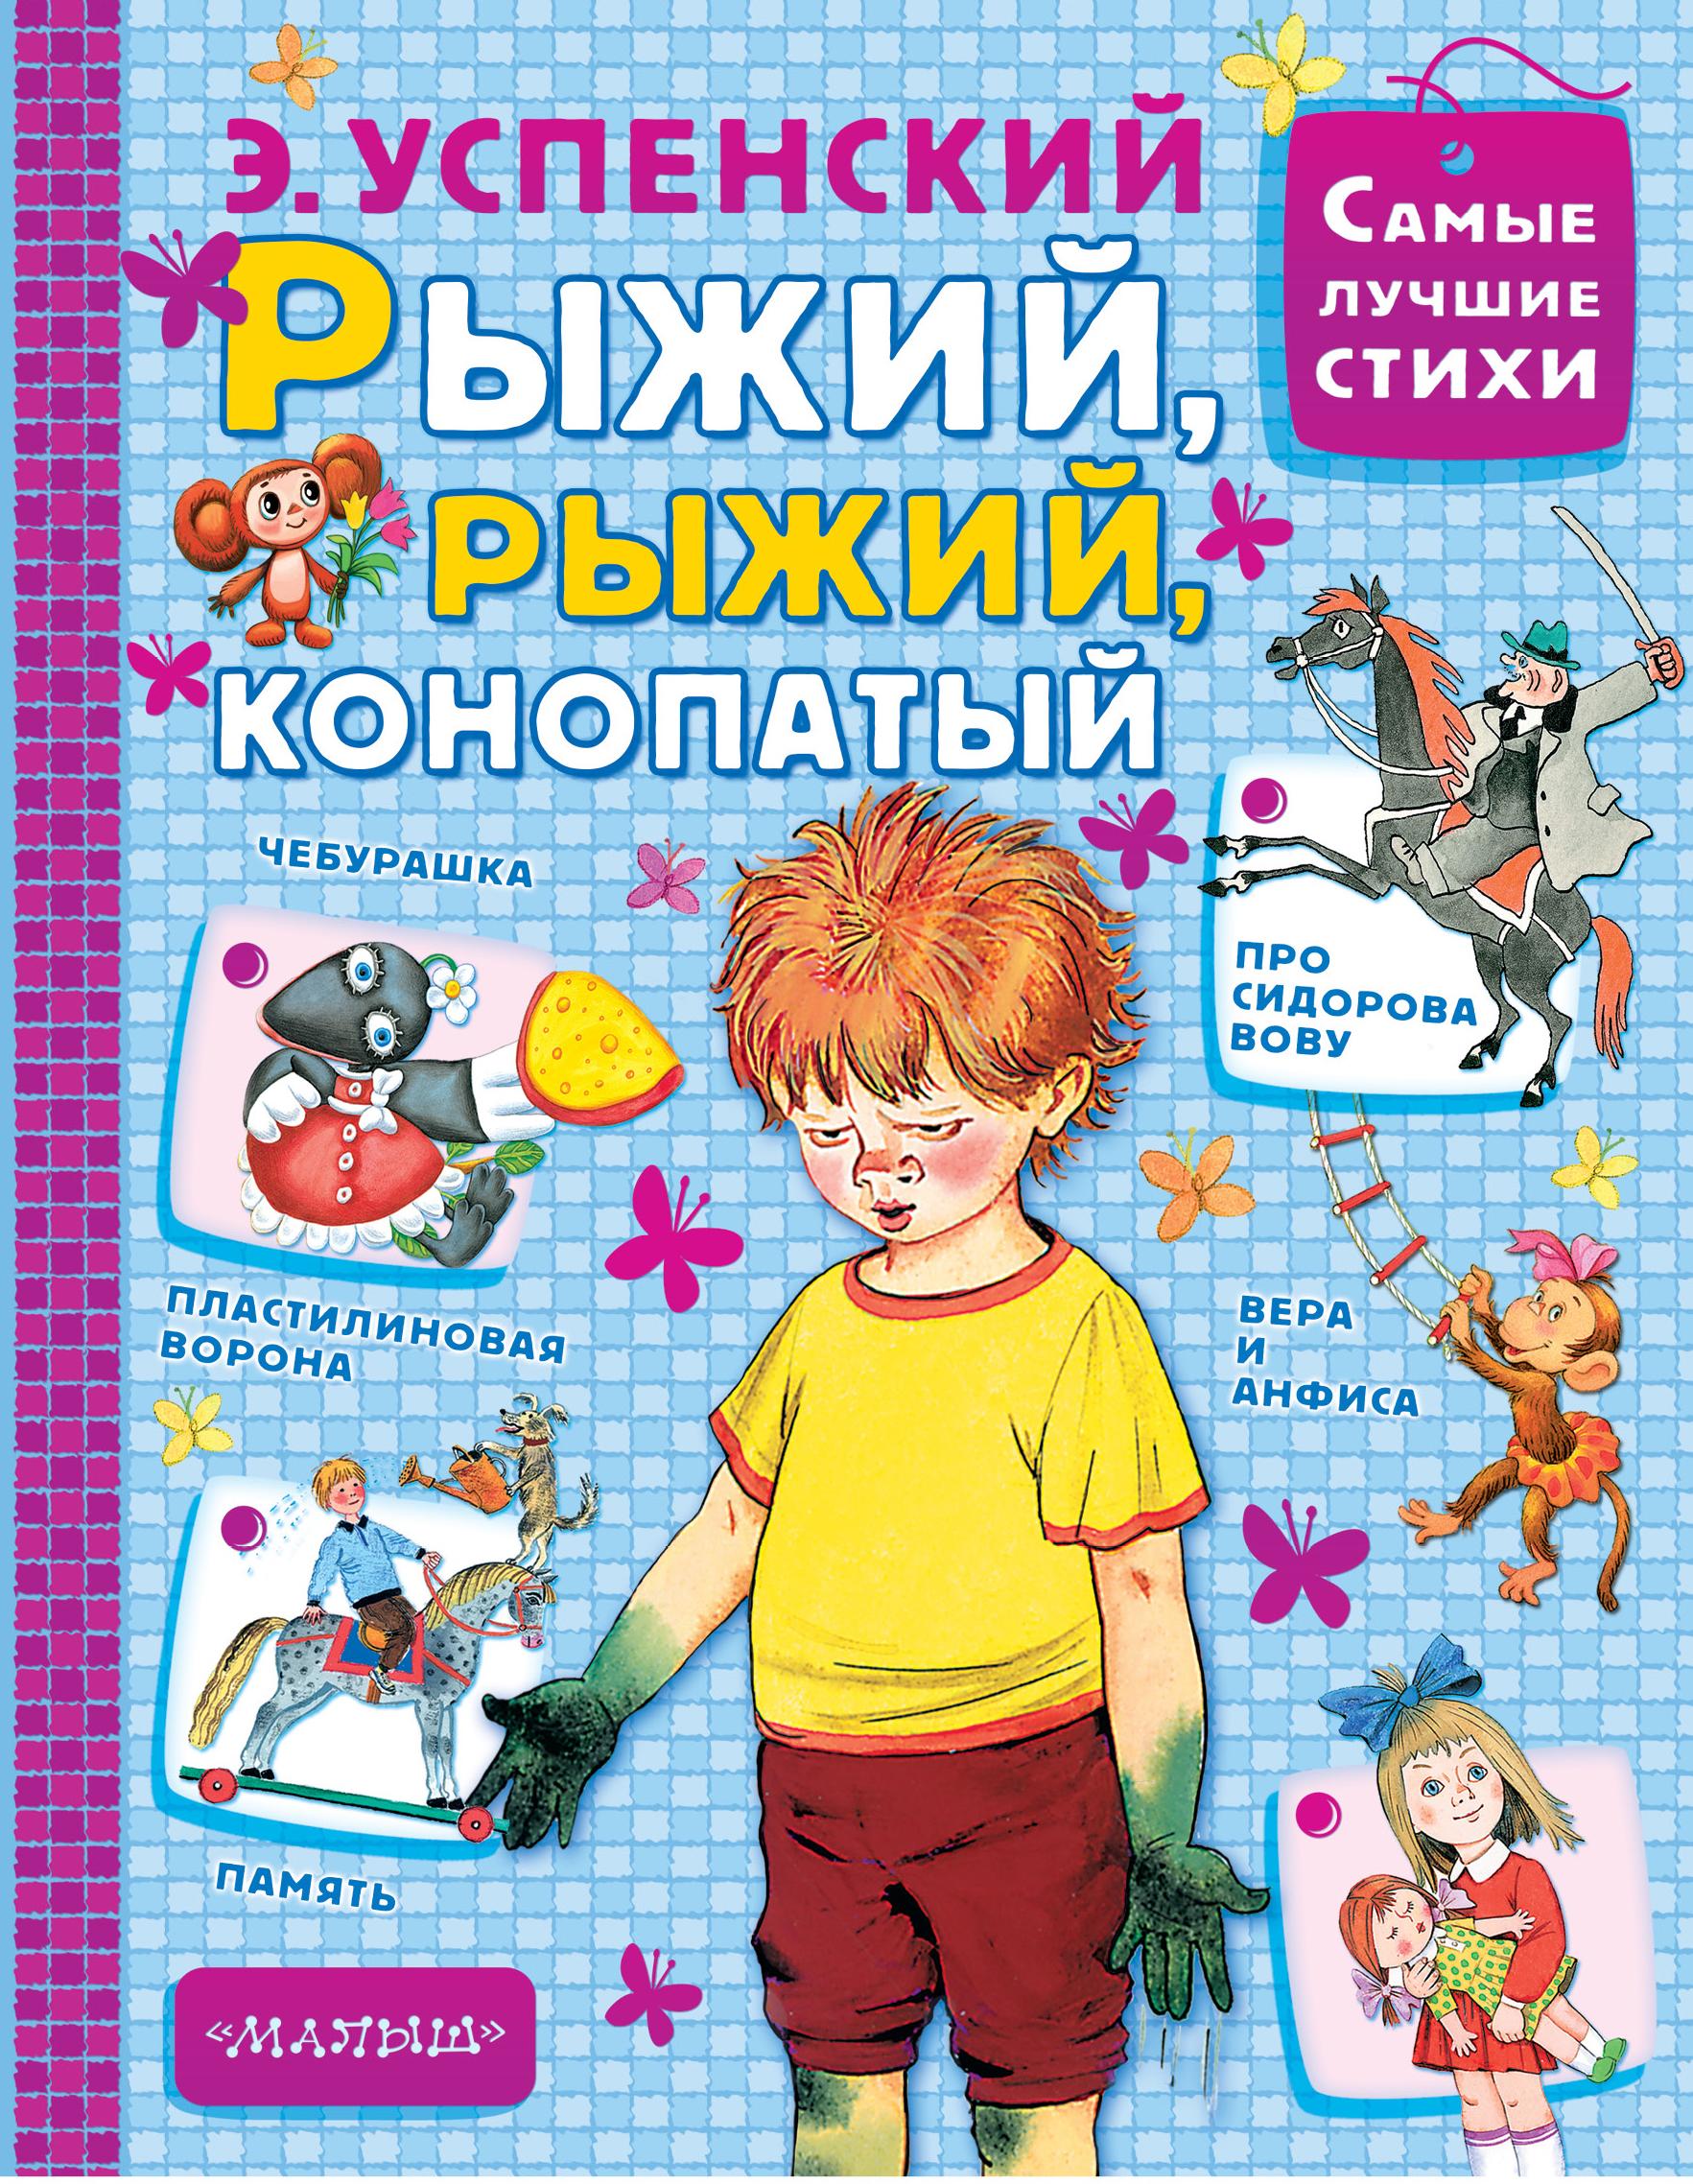 Zakazat.ru: Рыжий, рыжий, конопатый. Э. Успенский